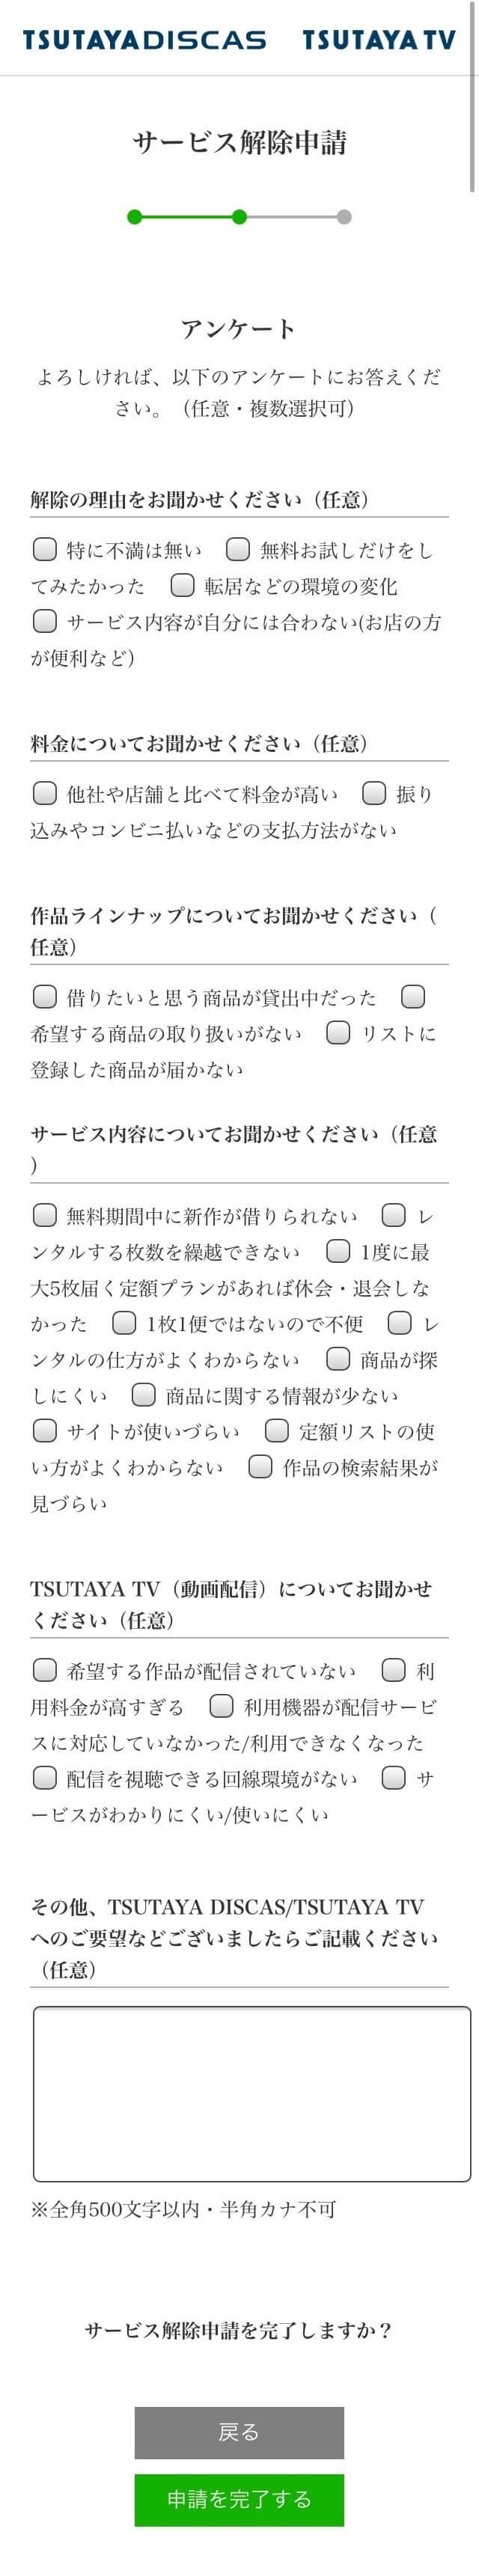 TSUTAYA TV・DISCAS解除2